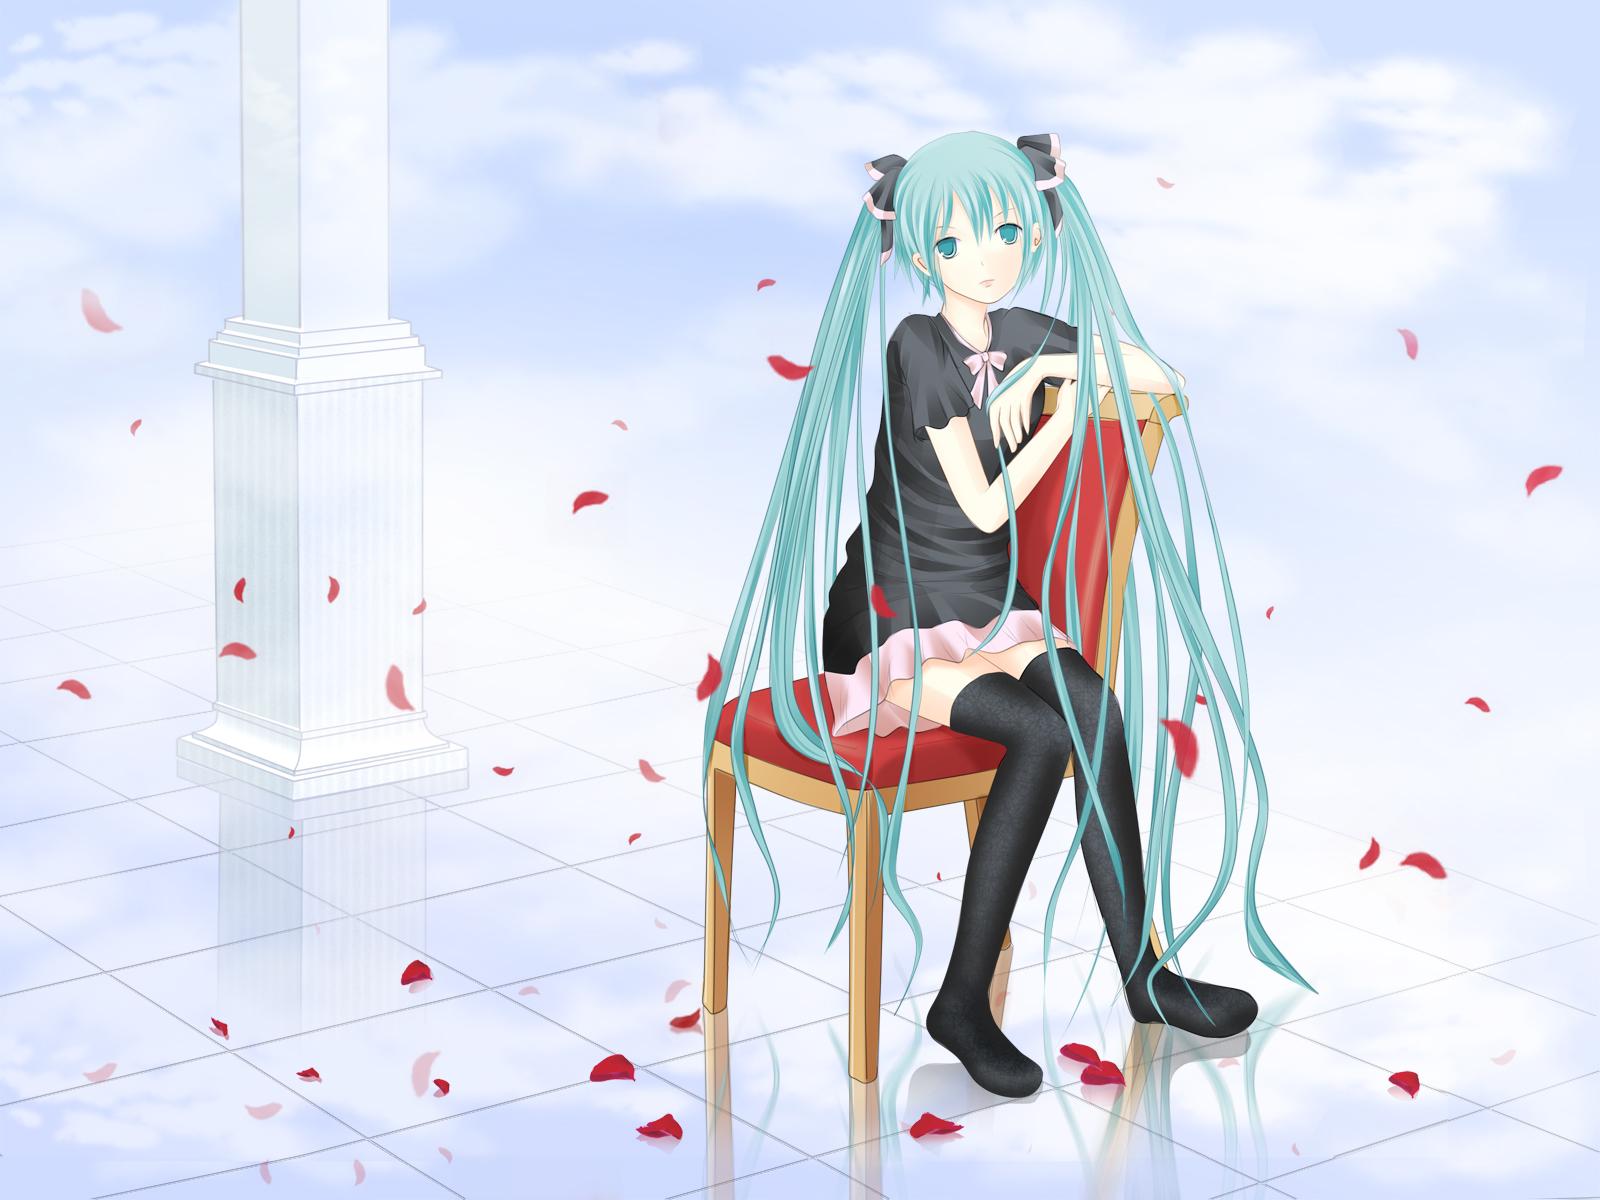 aqua_eyes aqua_hair flowers hatsune_miku long_hair petals twintails vocaloid